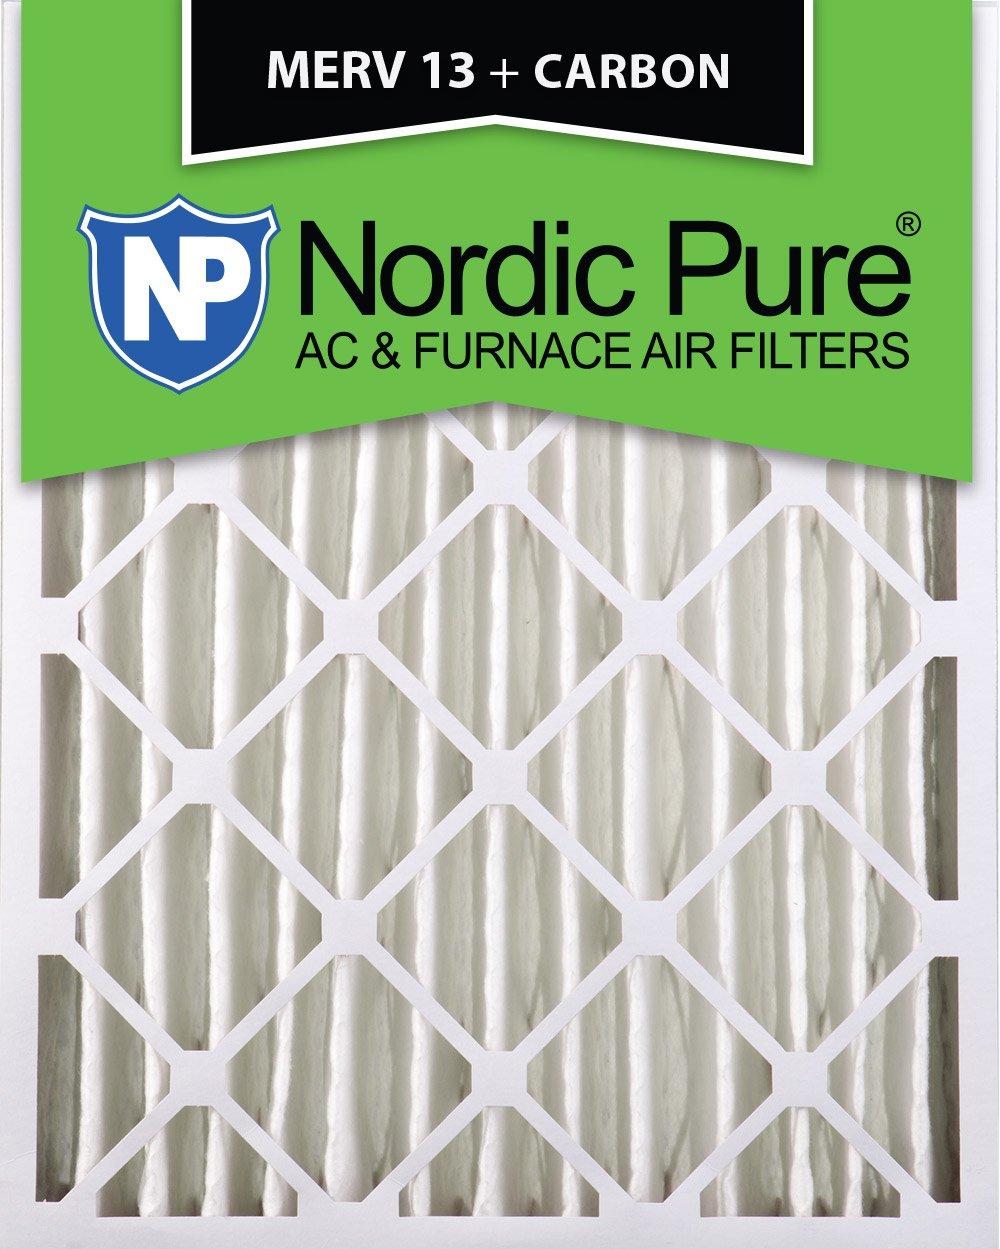 Nordic Pure 20x25x4 3 5 8 Actual Depth Merv 13 Plus